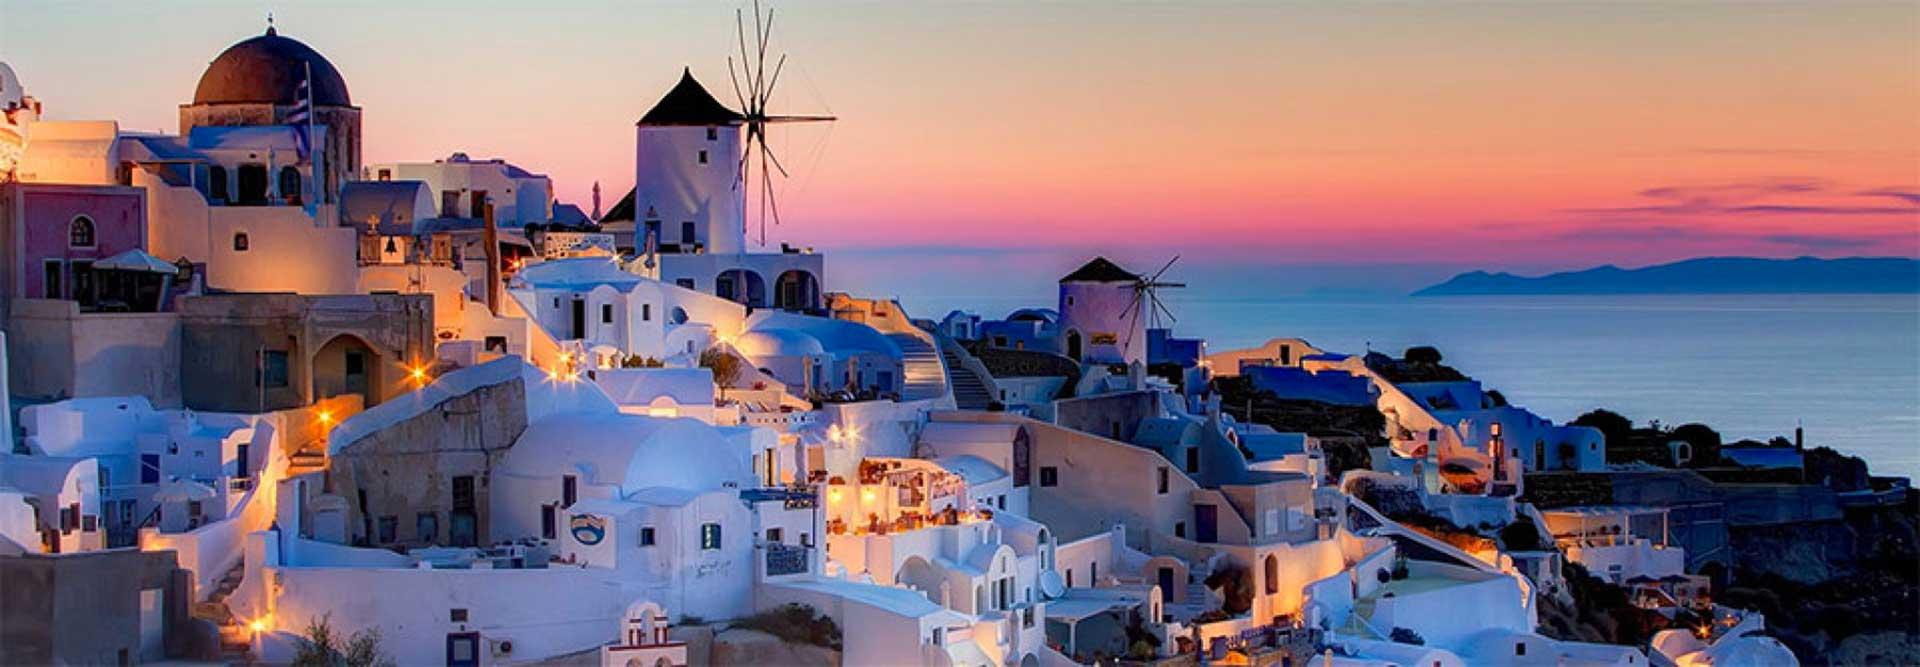 Grecia Kitesurf